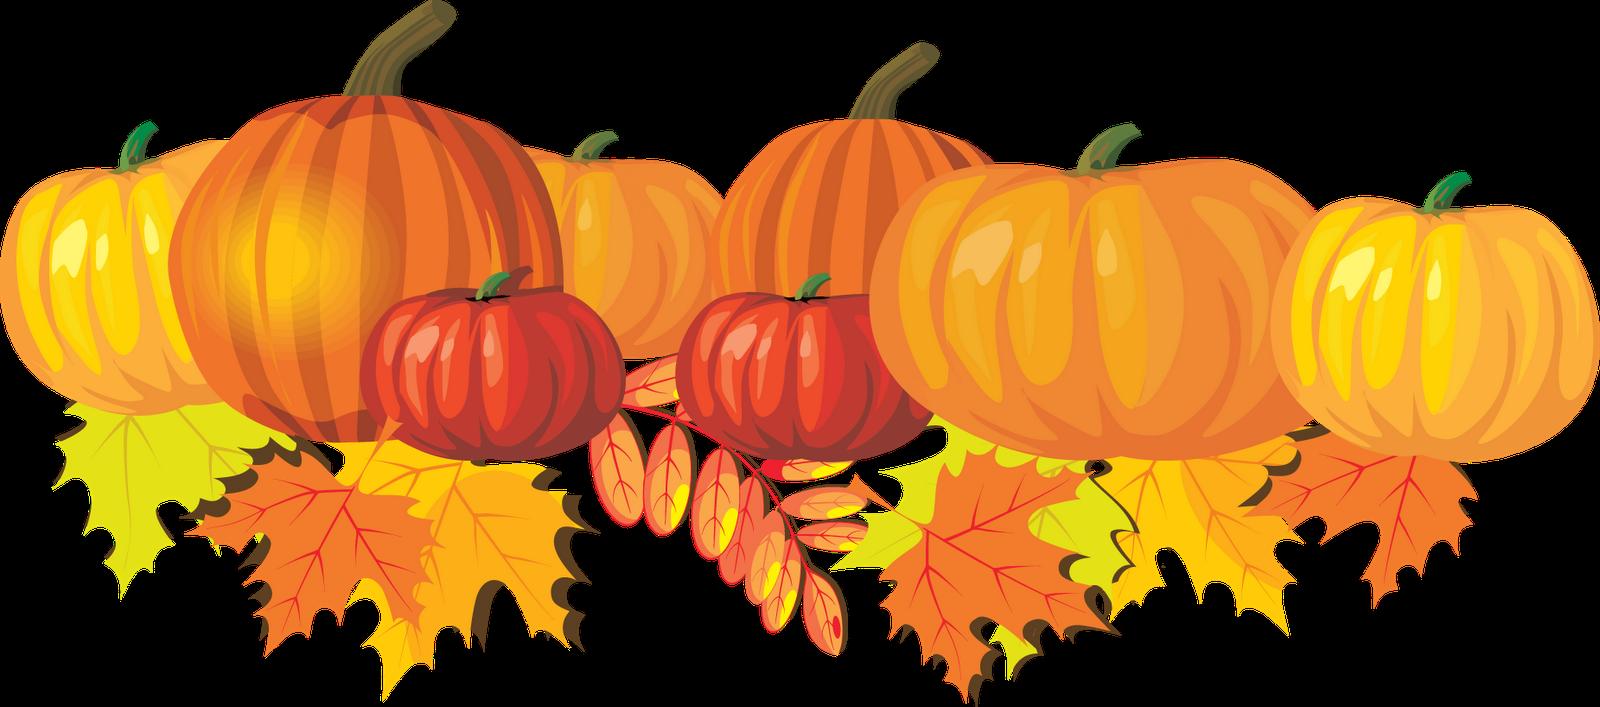 Pumpkin patch clipart 4 - PNG Pumpkin Patch